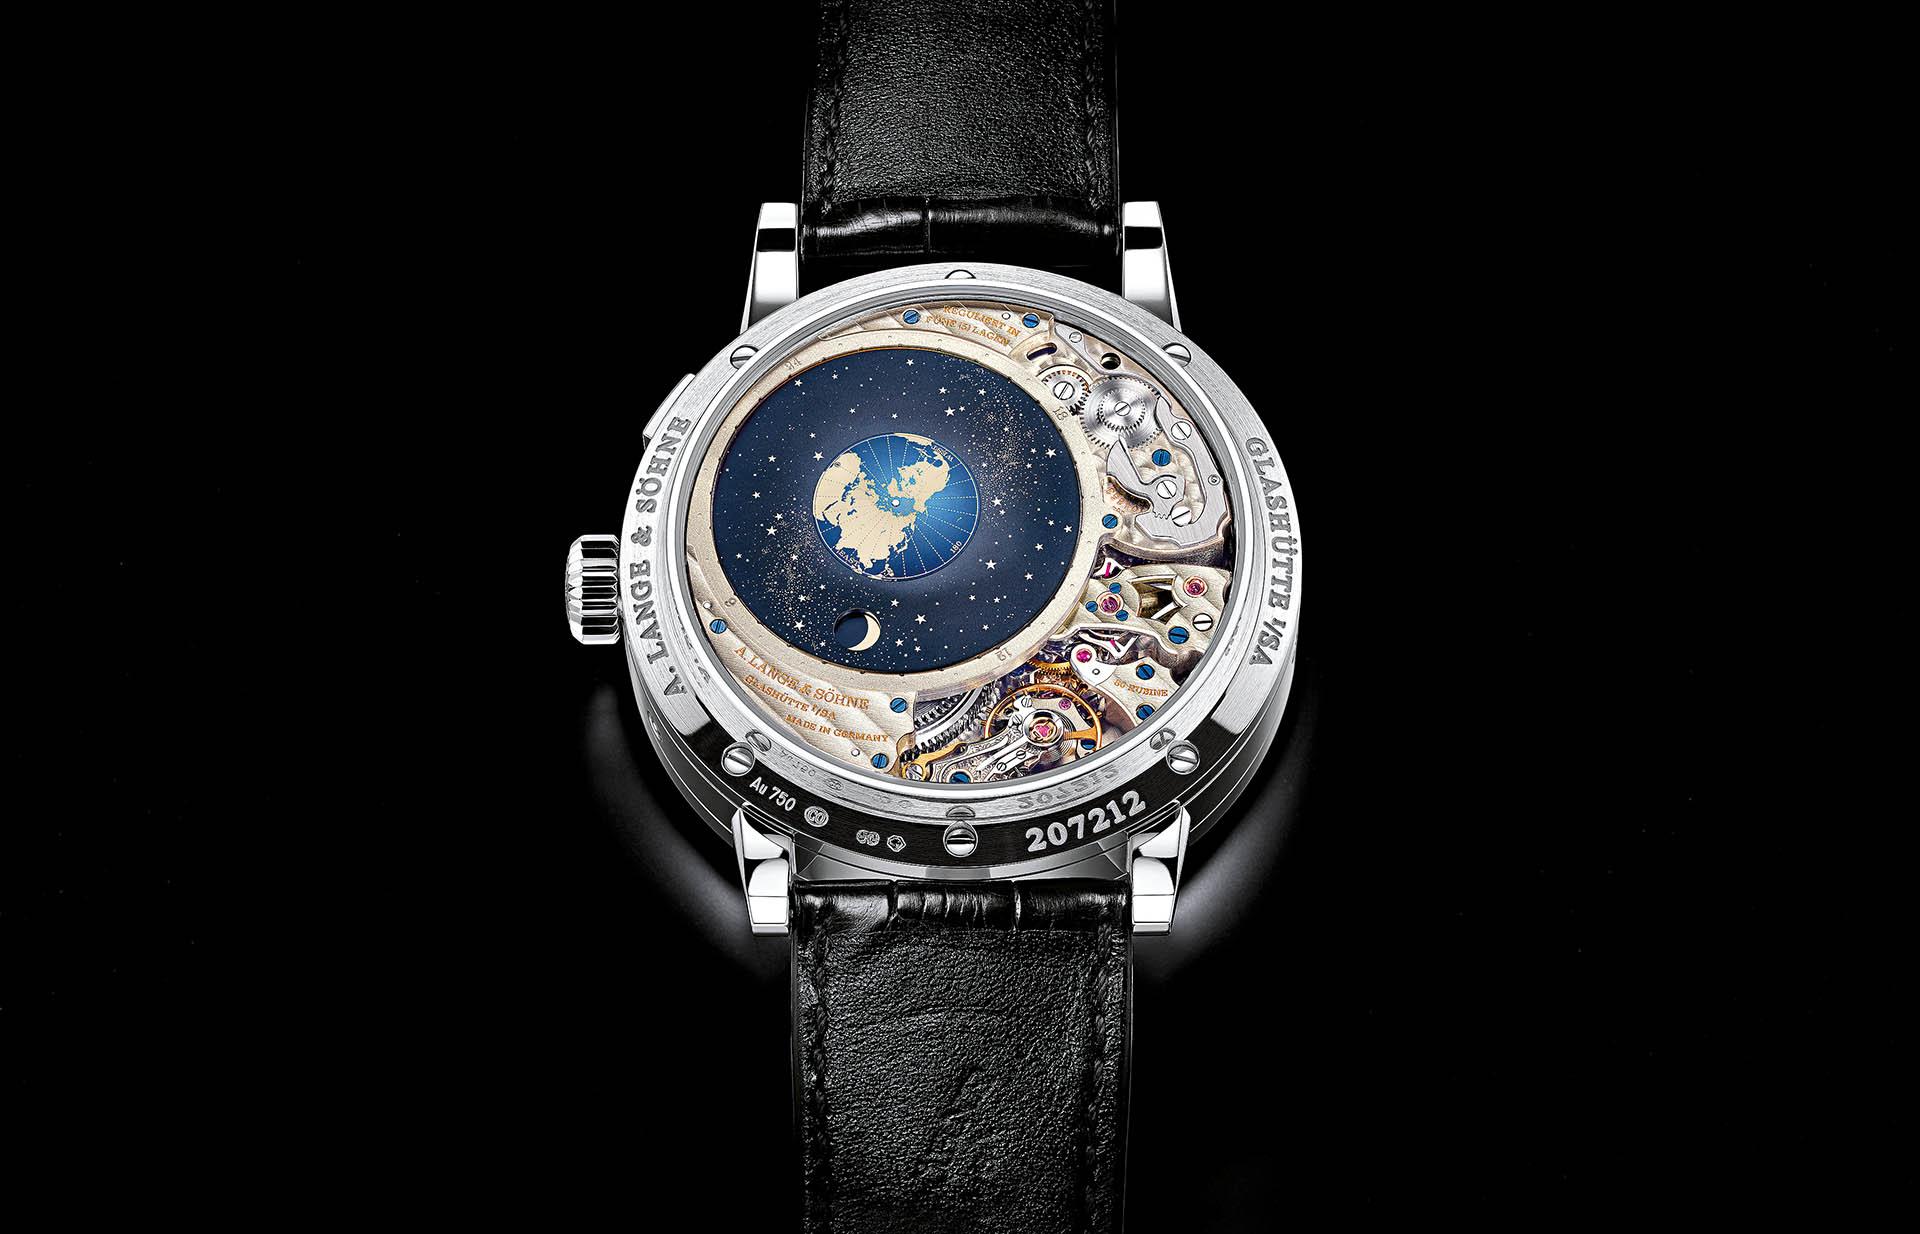 Rückseite der Terraluna von A. Lange & Söhne mit orbitaler Mondphasenanzeige.